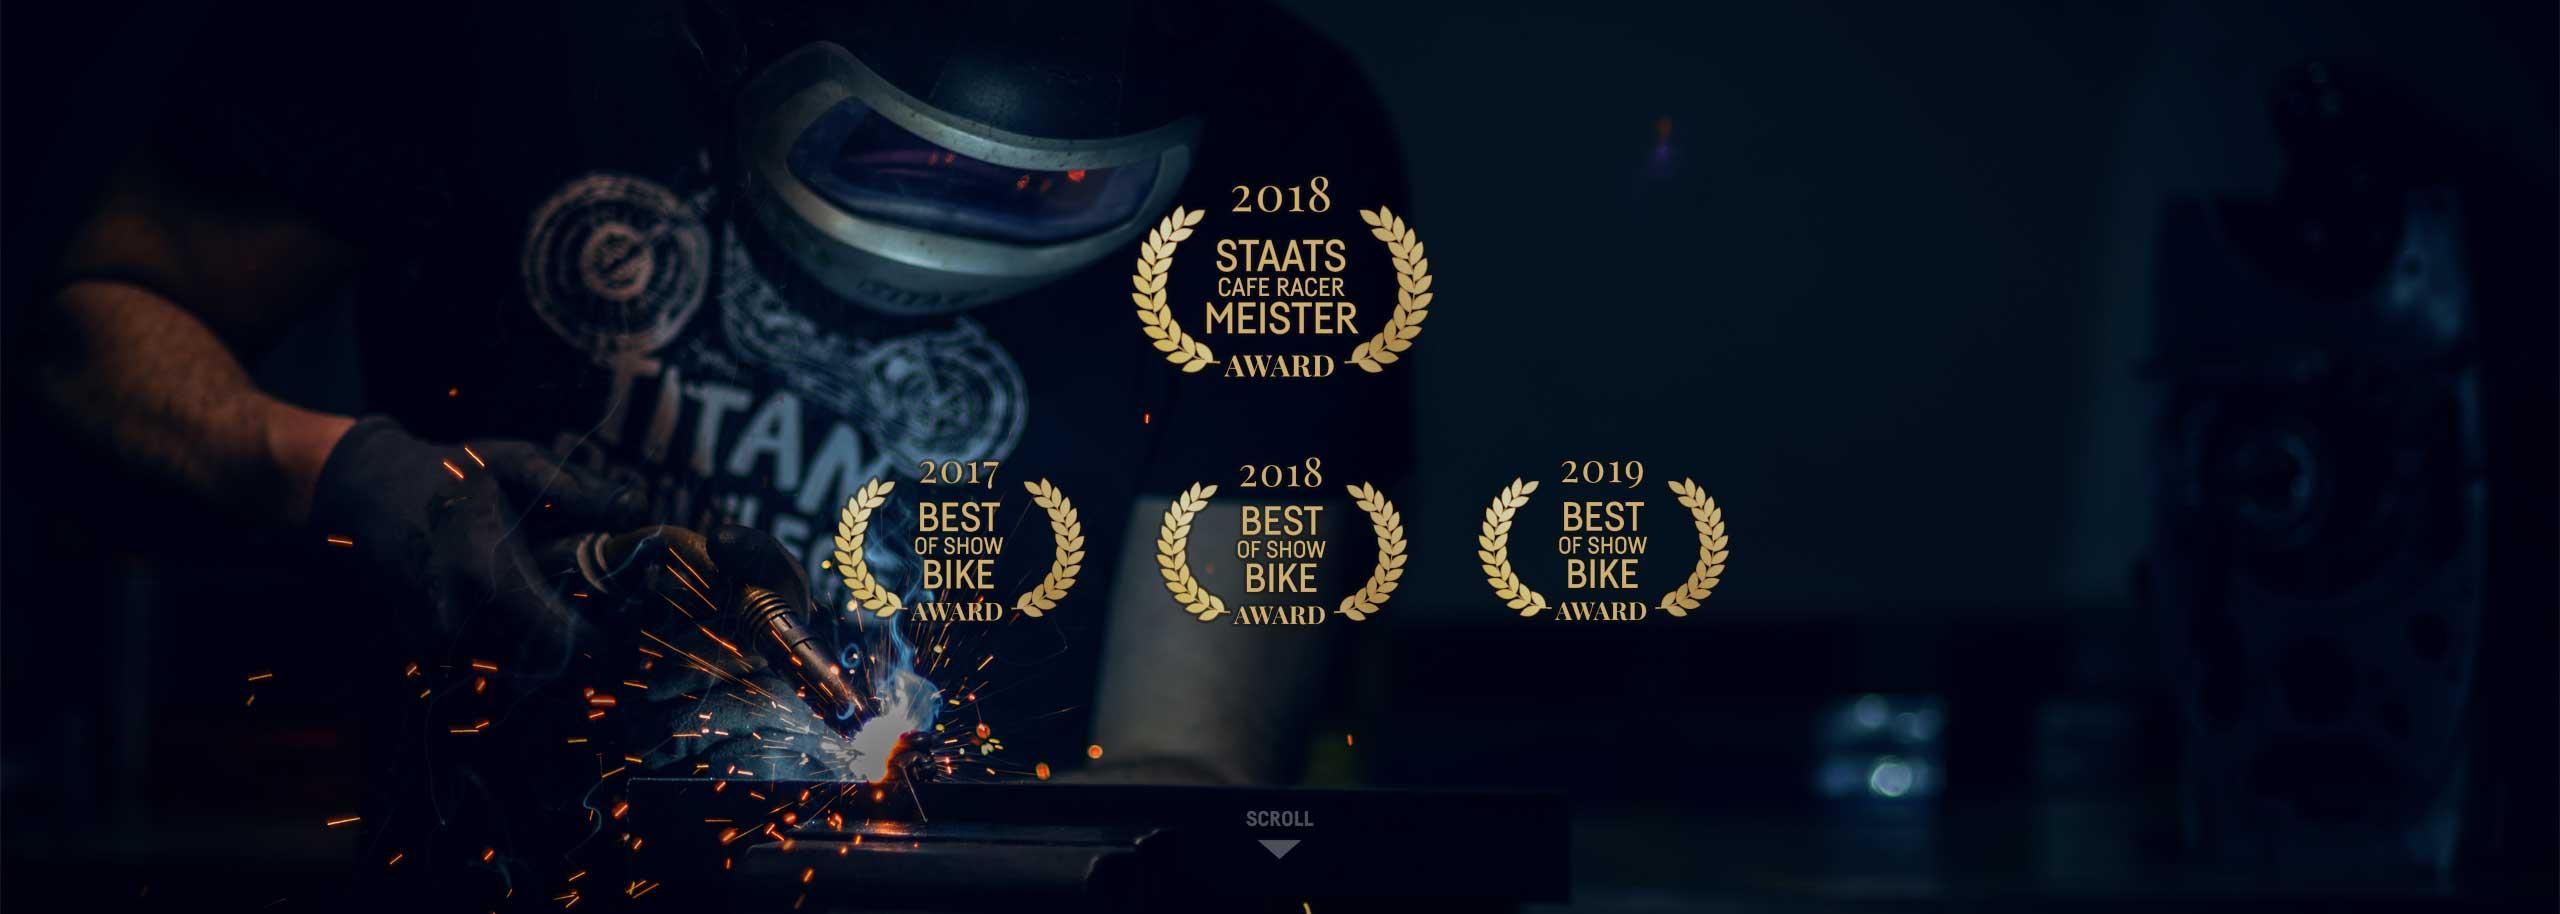 Motorrad-Österreich-Caferacer-Graz-BMW-Motorrad-Concept-Studie-Custom-Bike-Österreich_TITAN